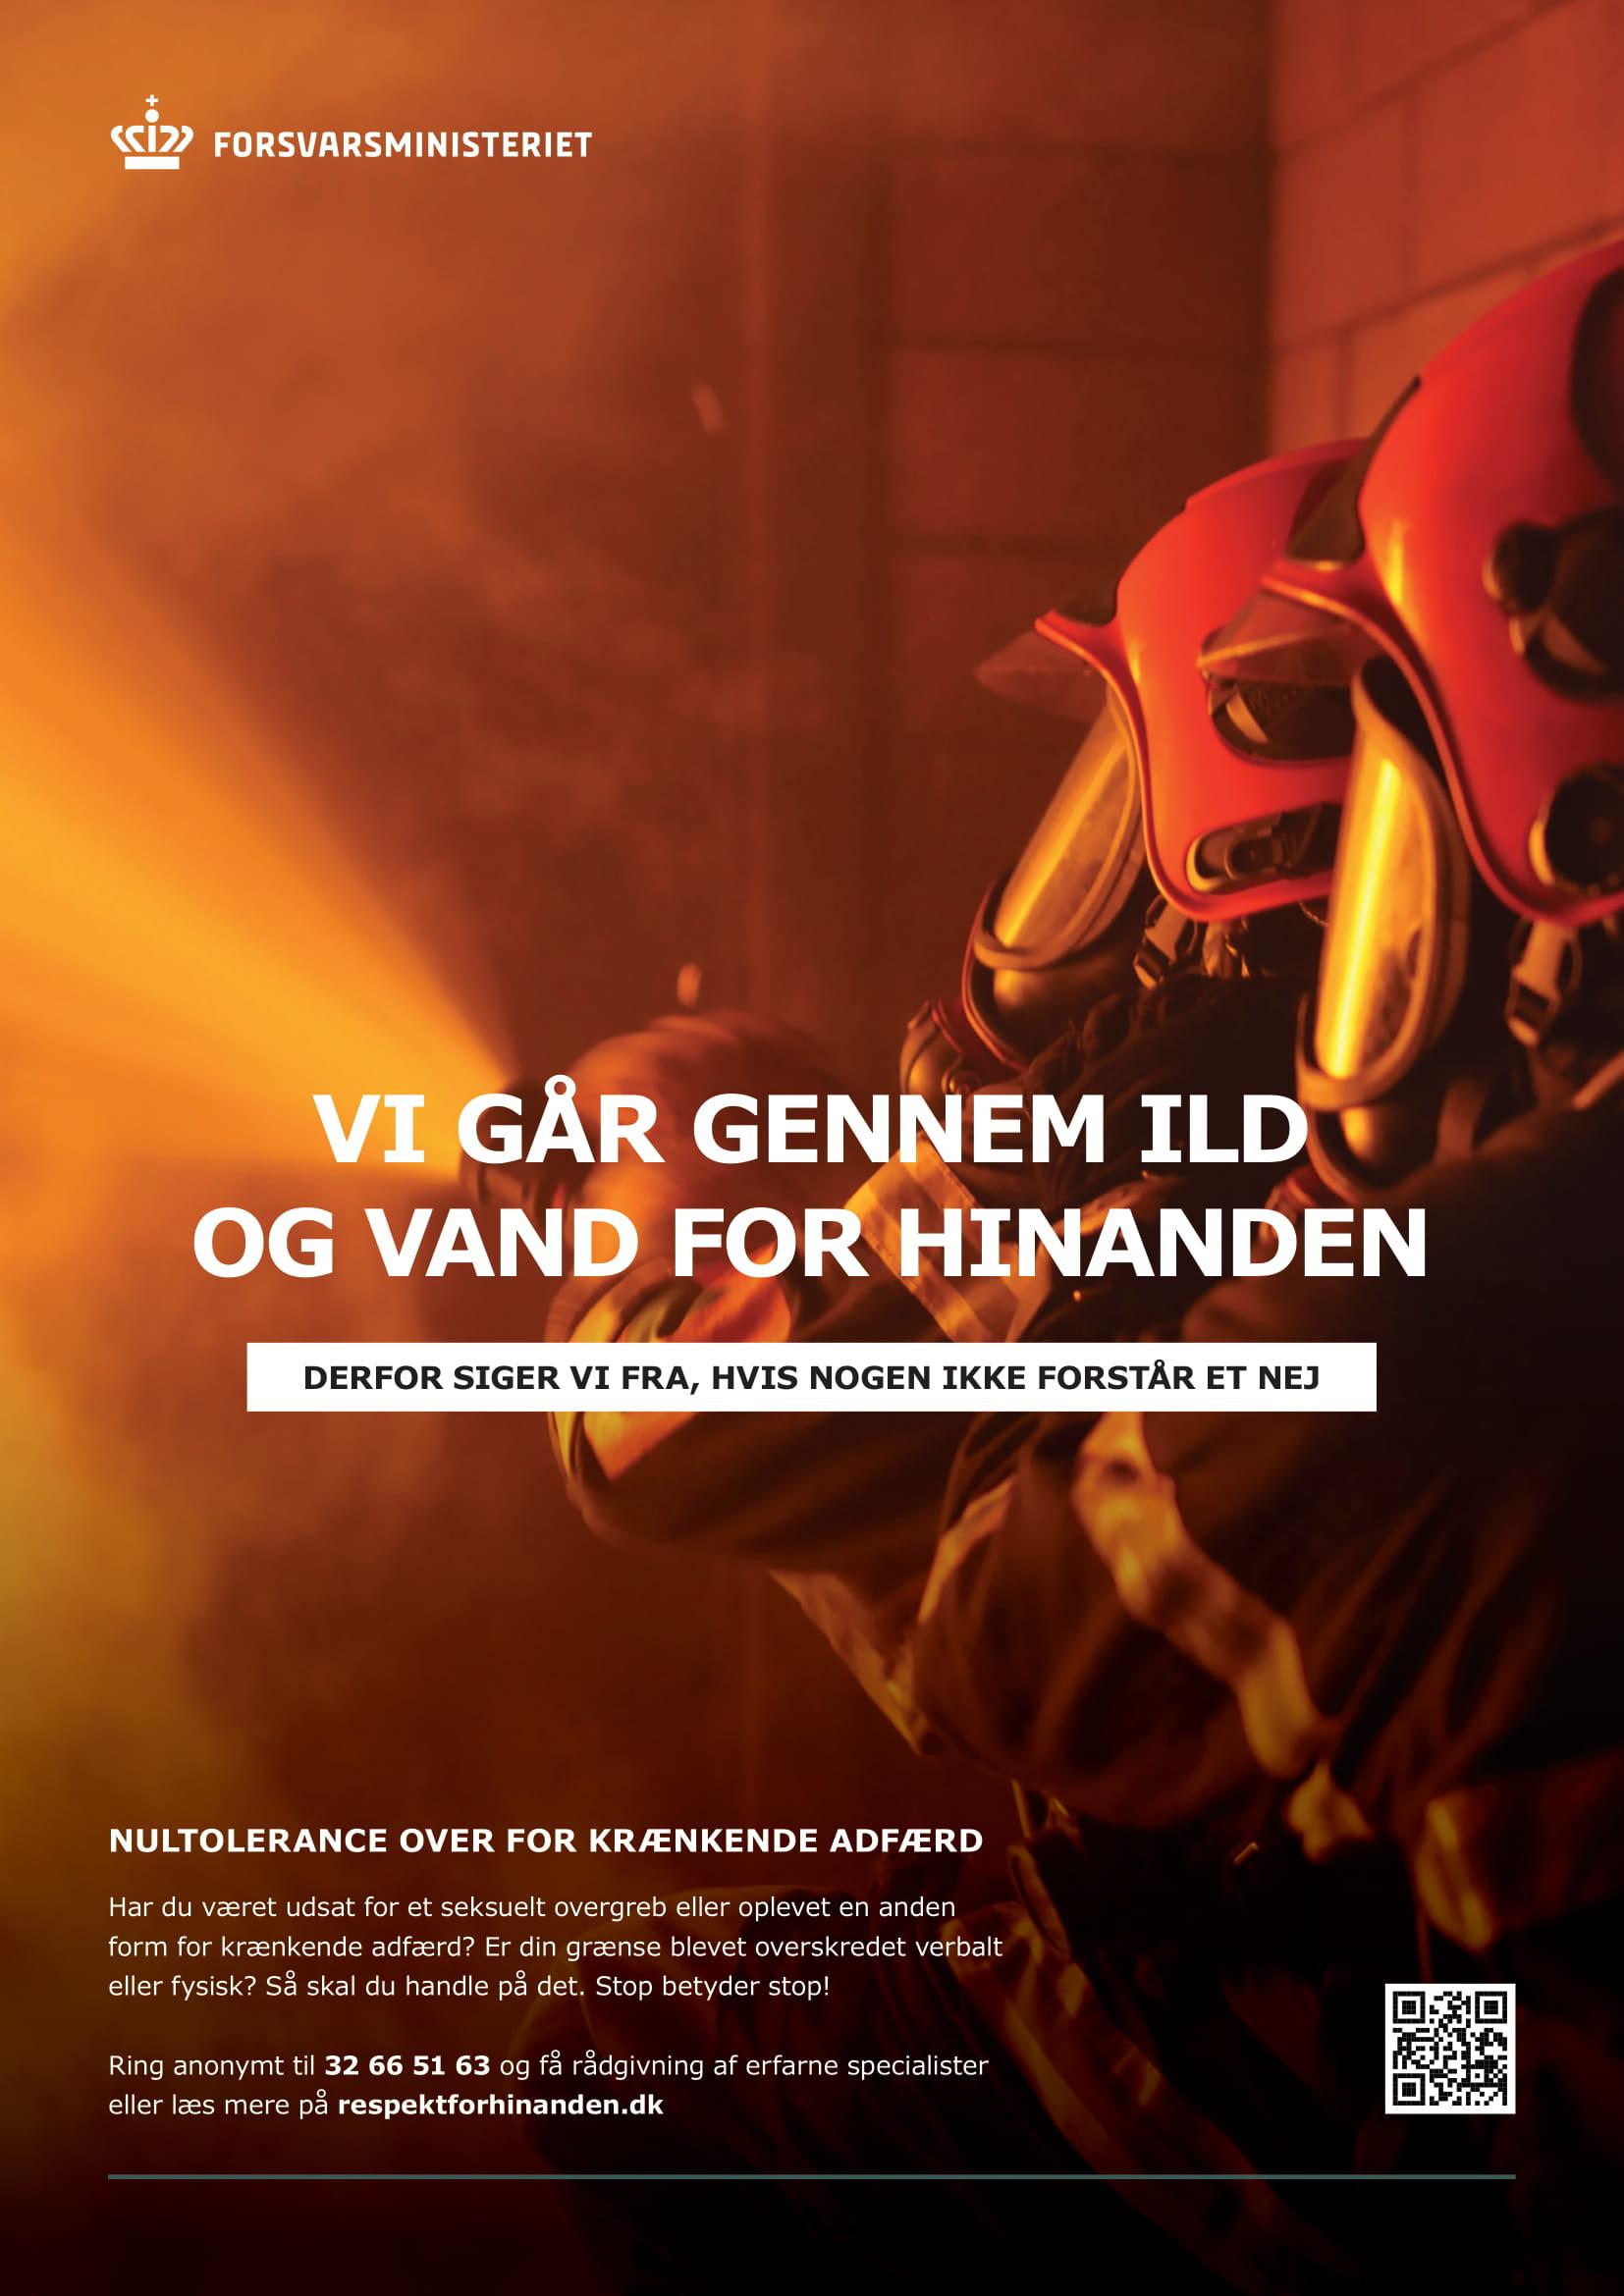 kampagne-forebyggelse-konskrankelse-plakat_a4-6